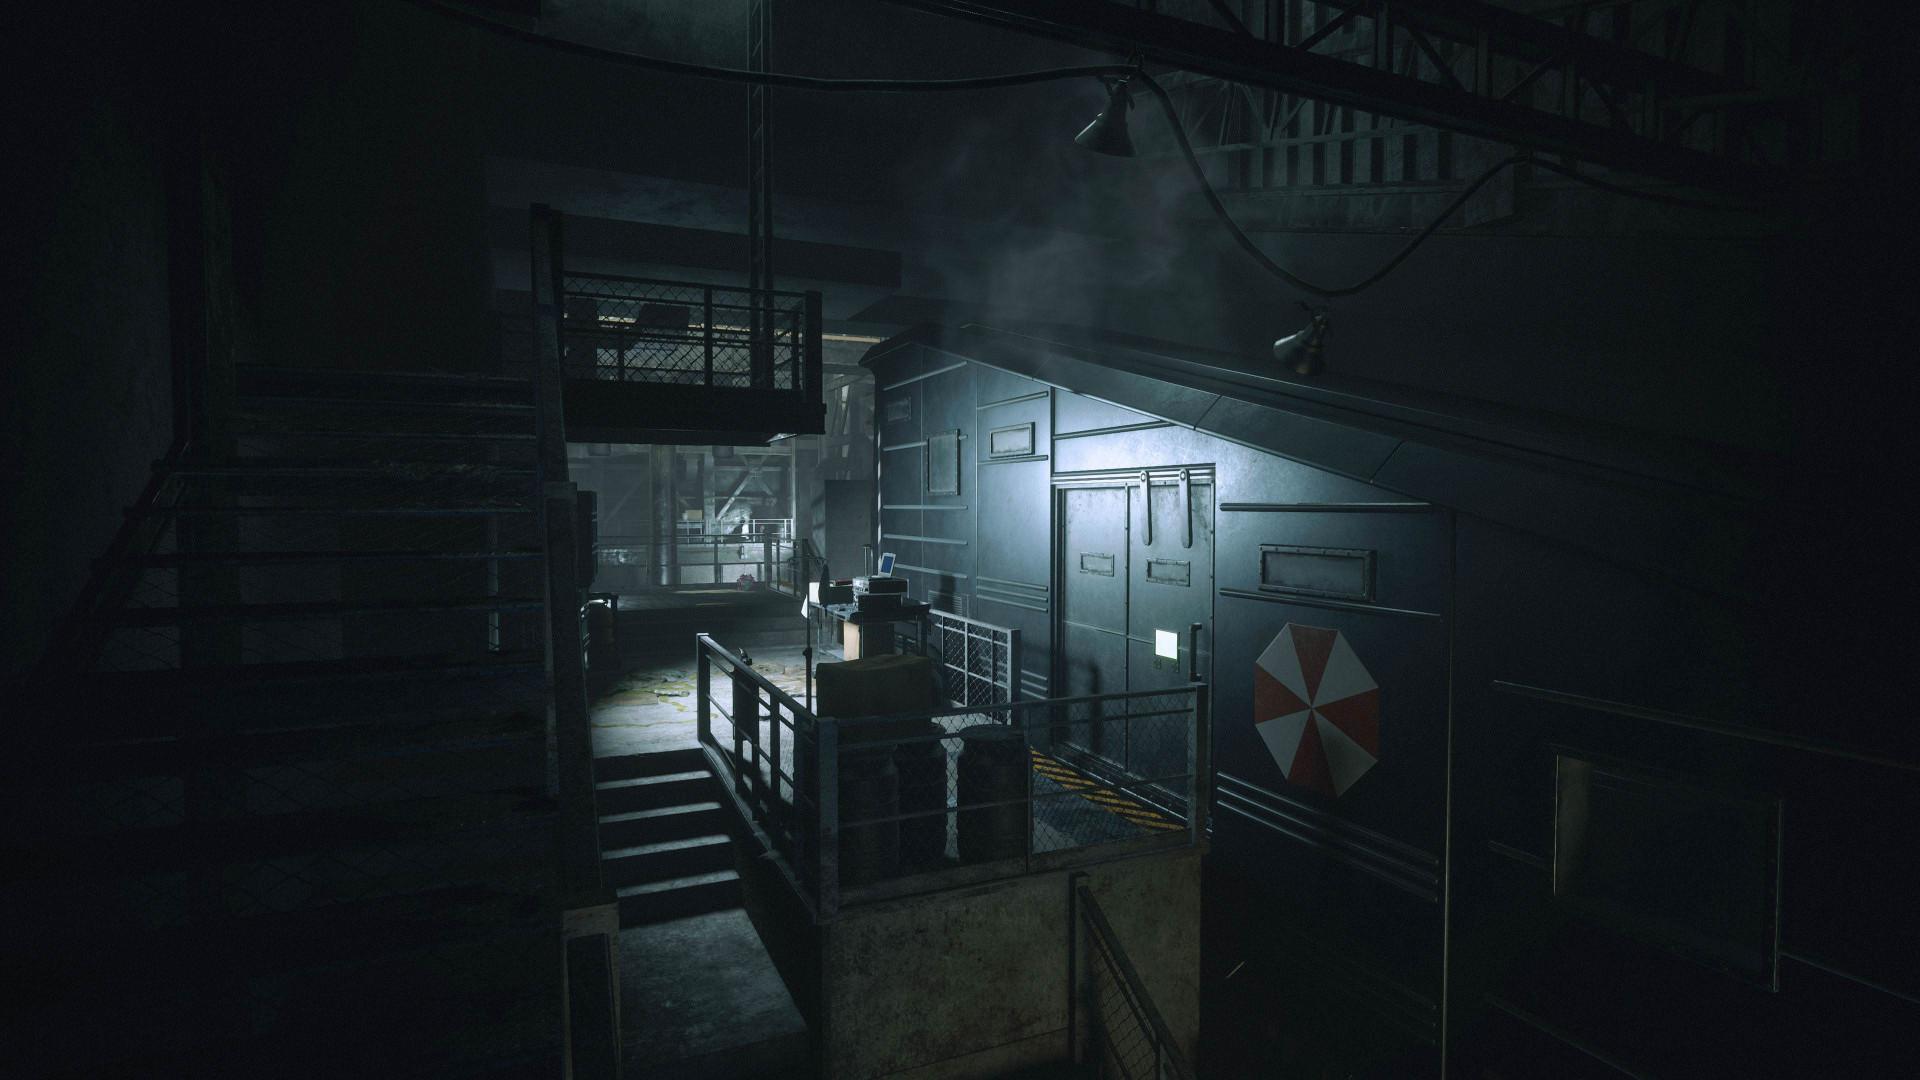 Все трофеи ремейка Resident Evil 2 попали в сеть за три недели до релиза